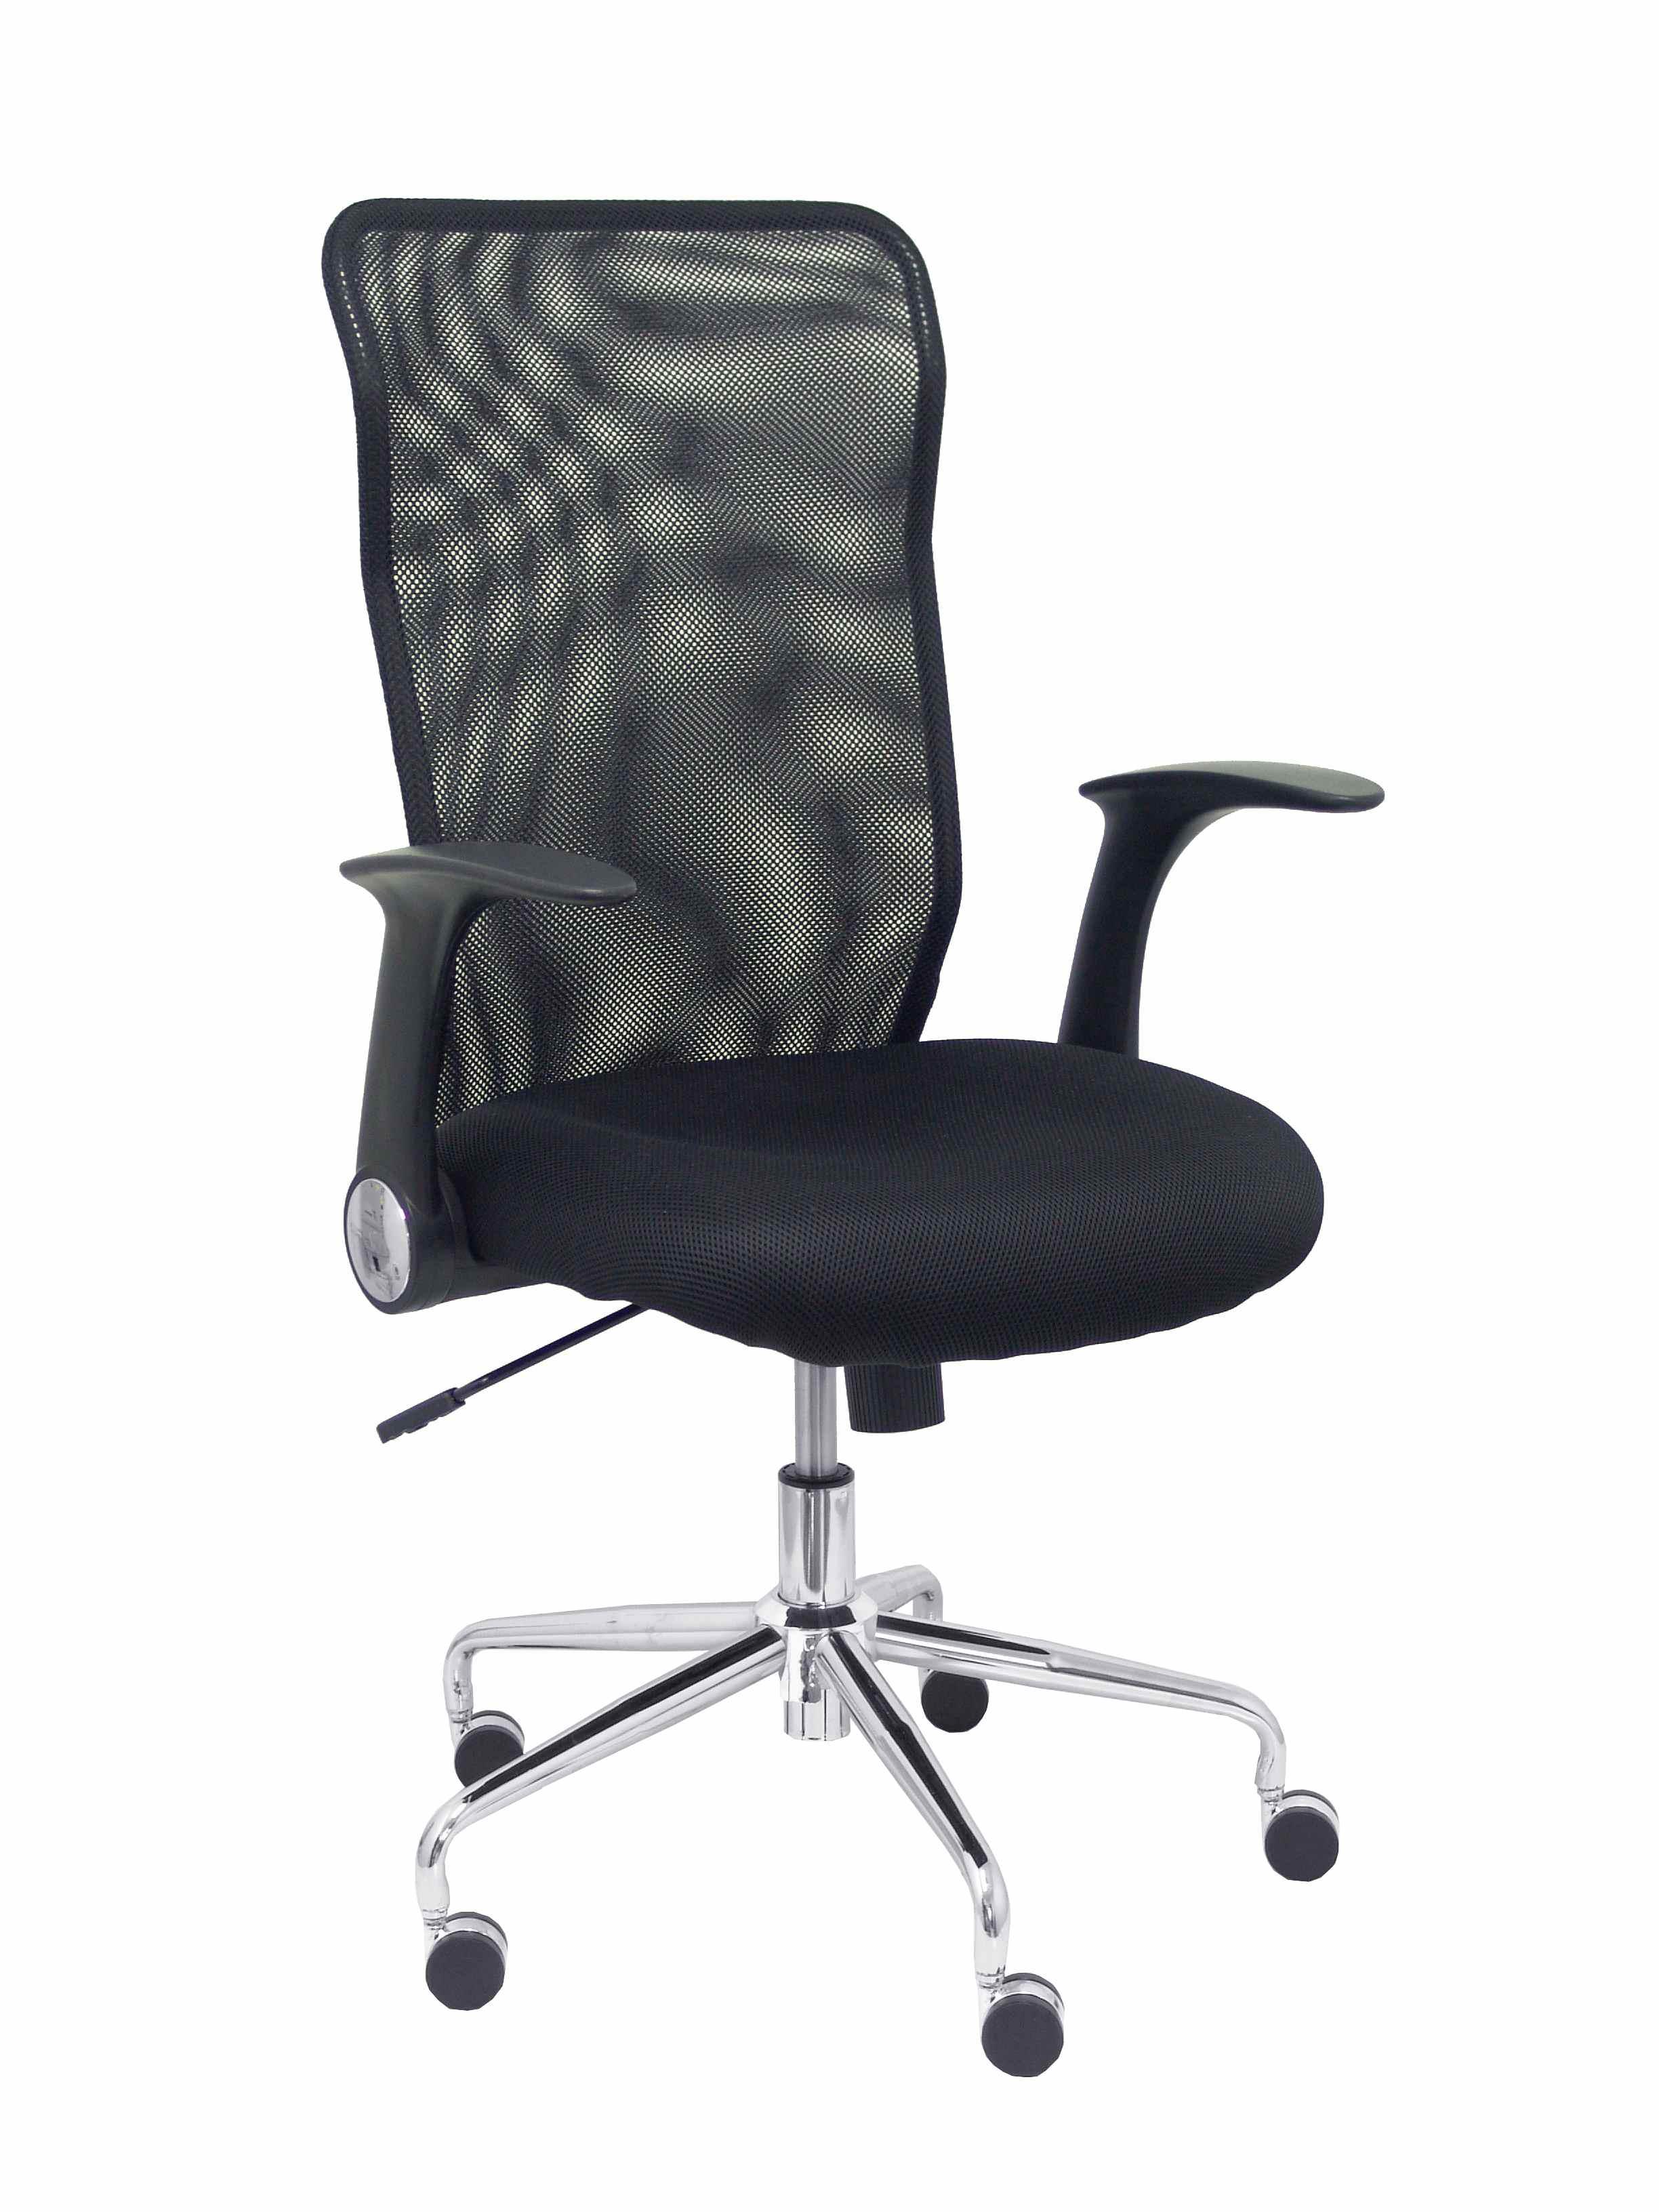 Silla Minaya respaldo malla negro asiento 3D negro